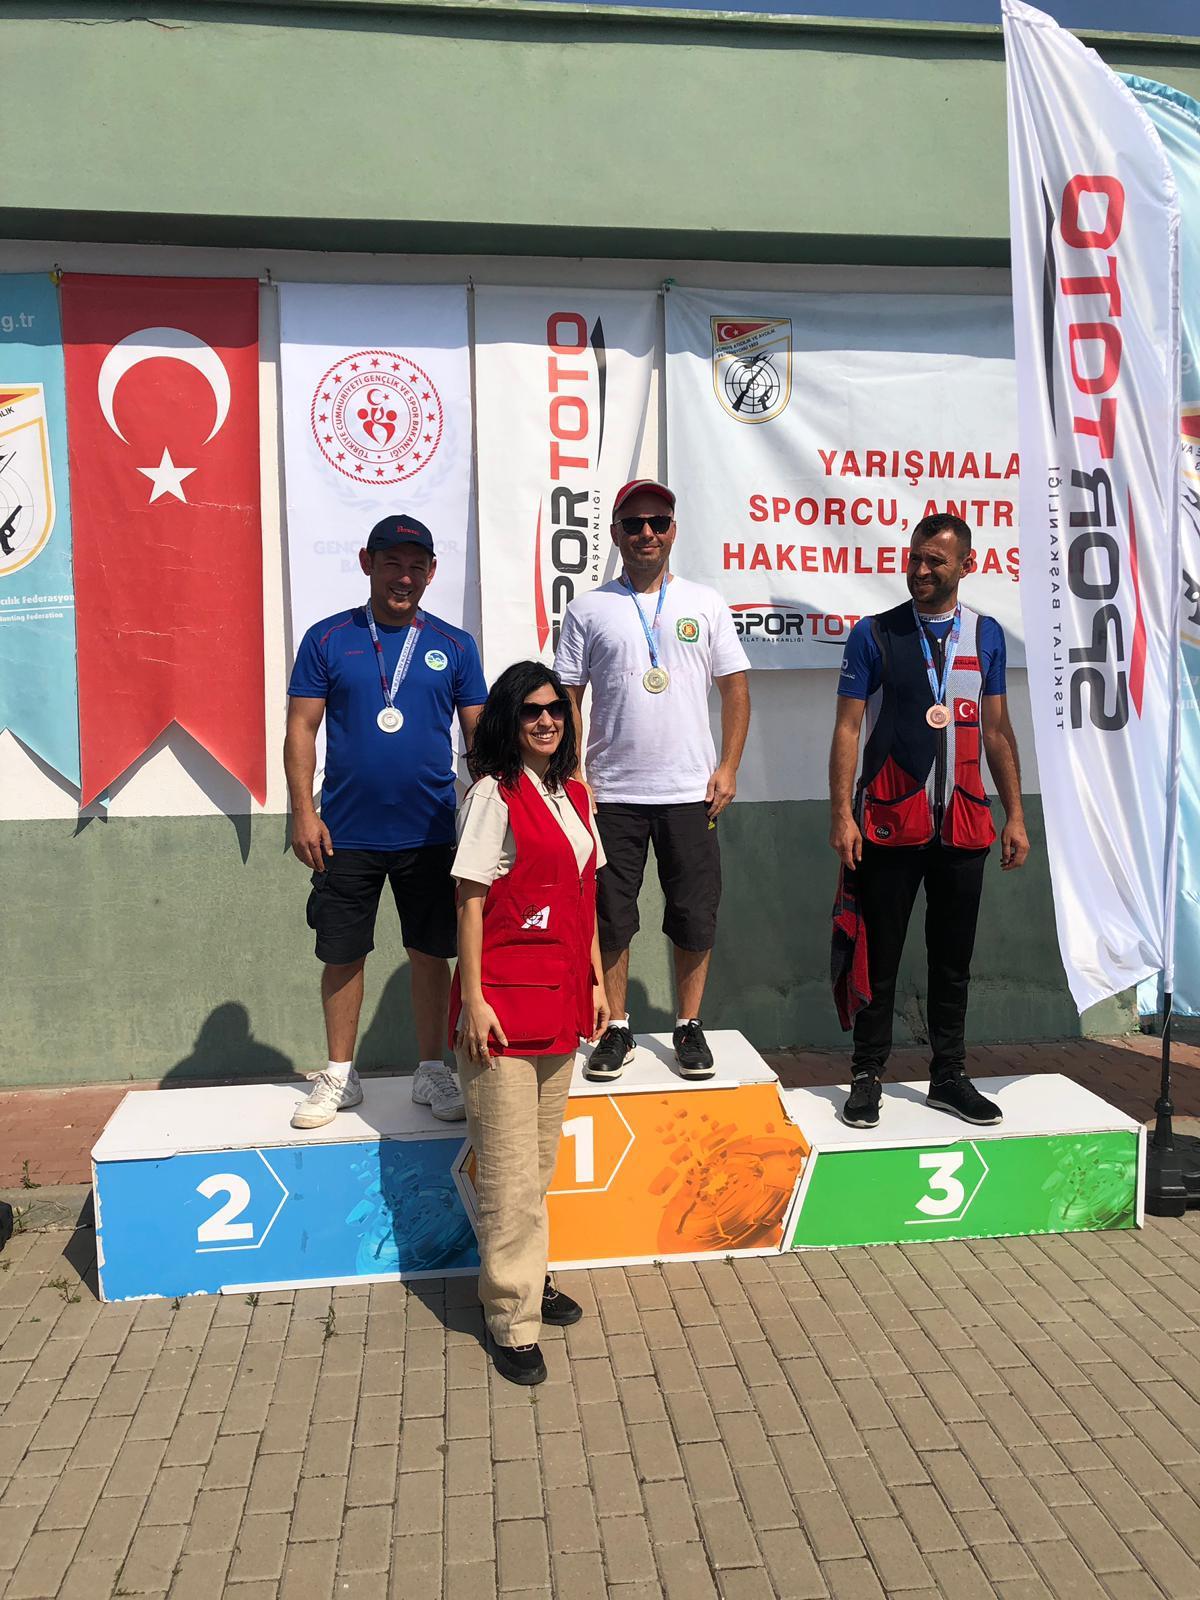 Atıcılıkta Türkiye ikincisi